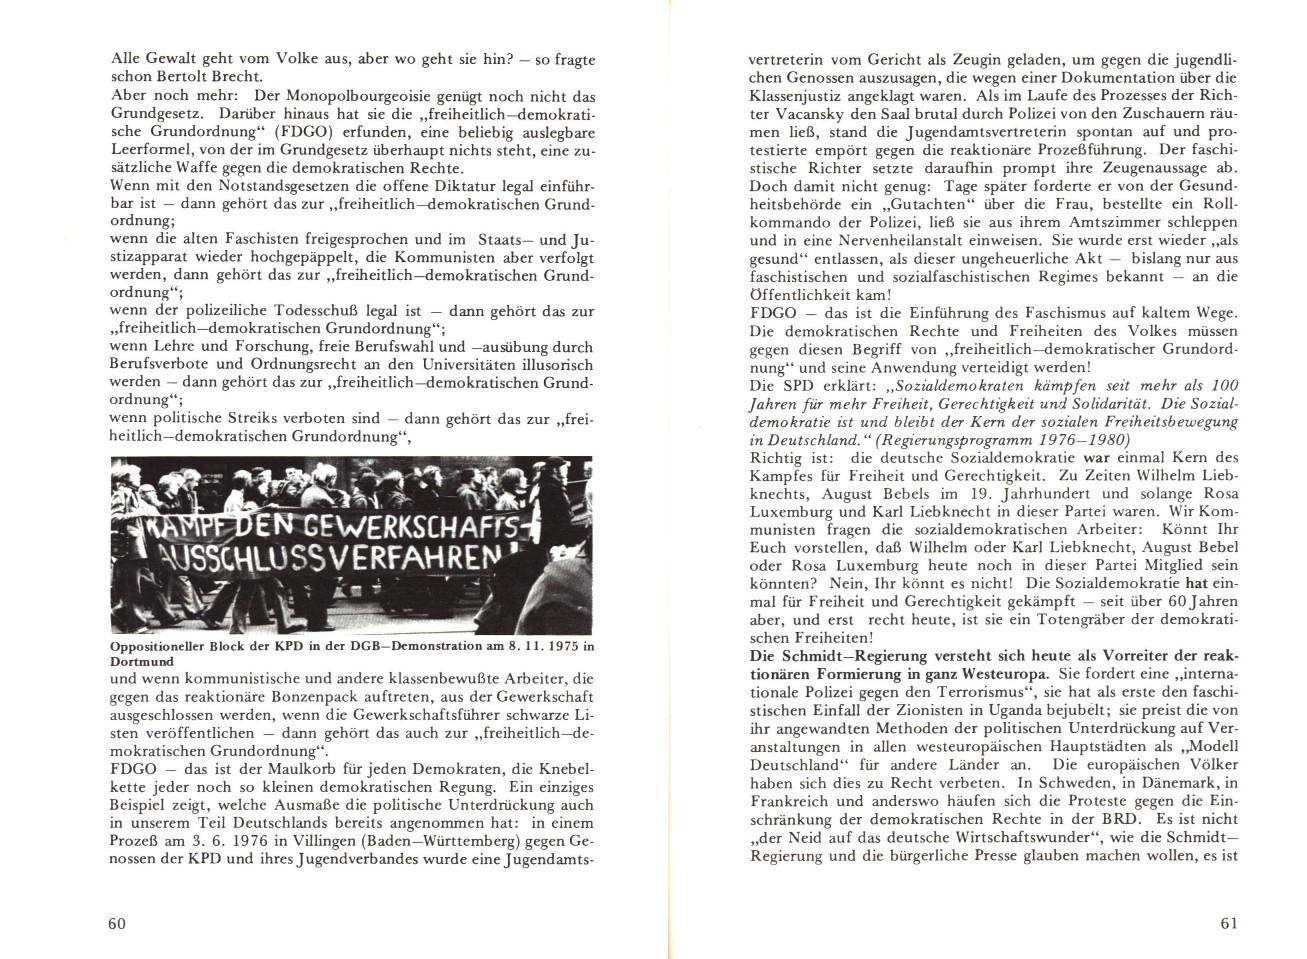 KPDAO_1976_Agitationsbroschuere_zur_BTW_32